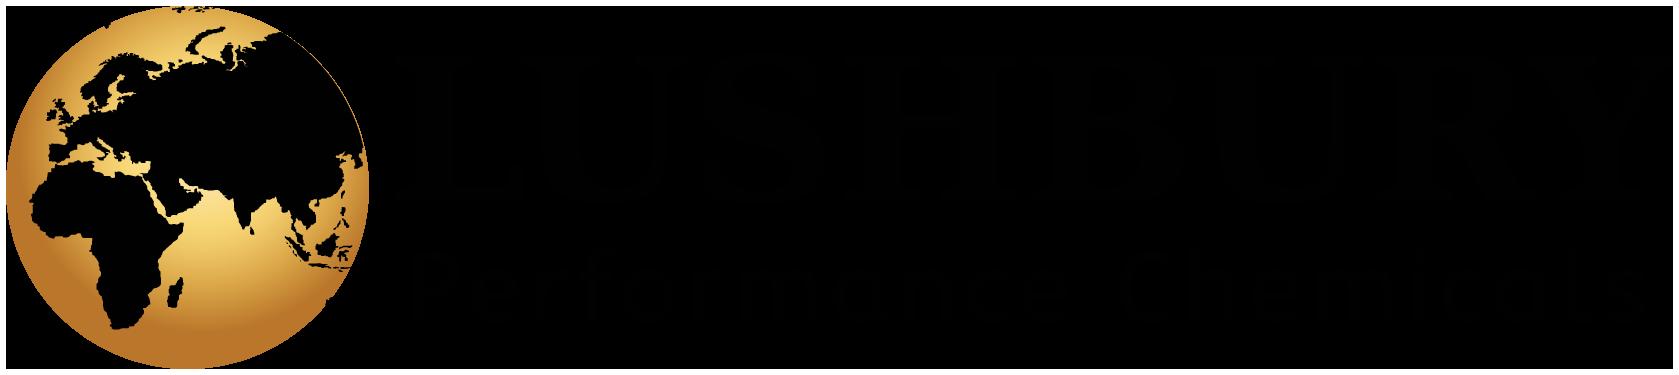 Lushbury Performance Chemicals